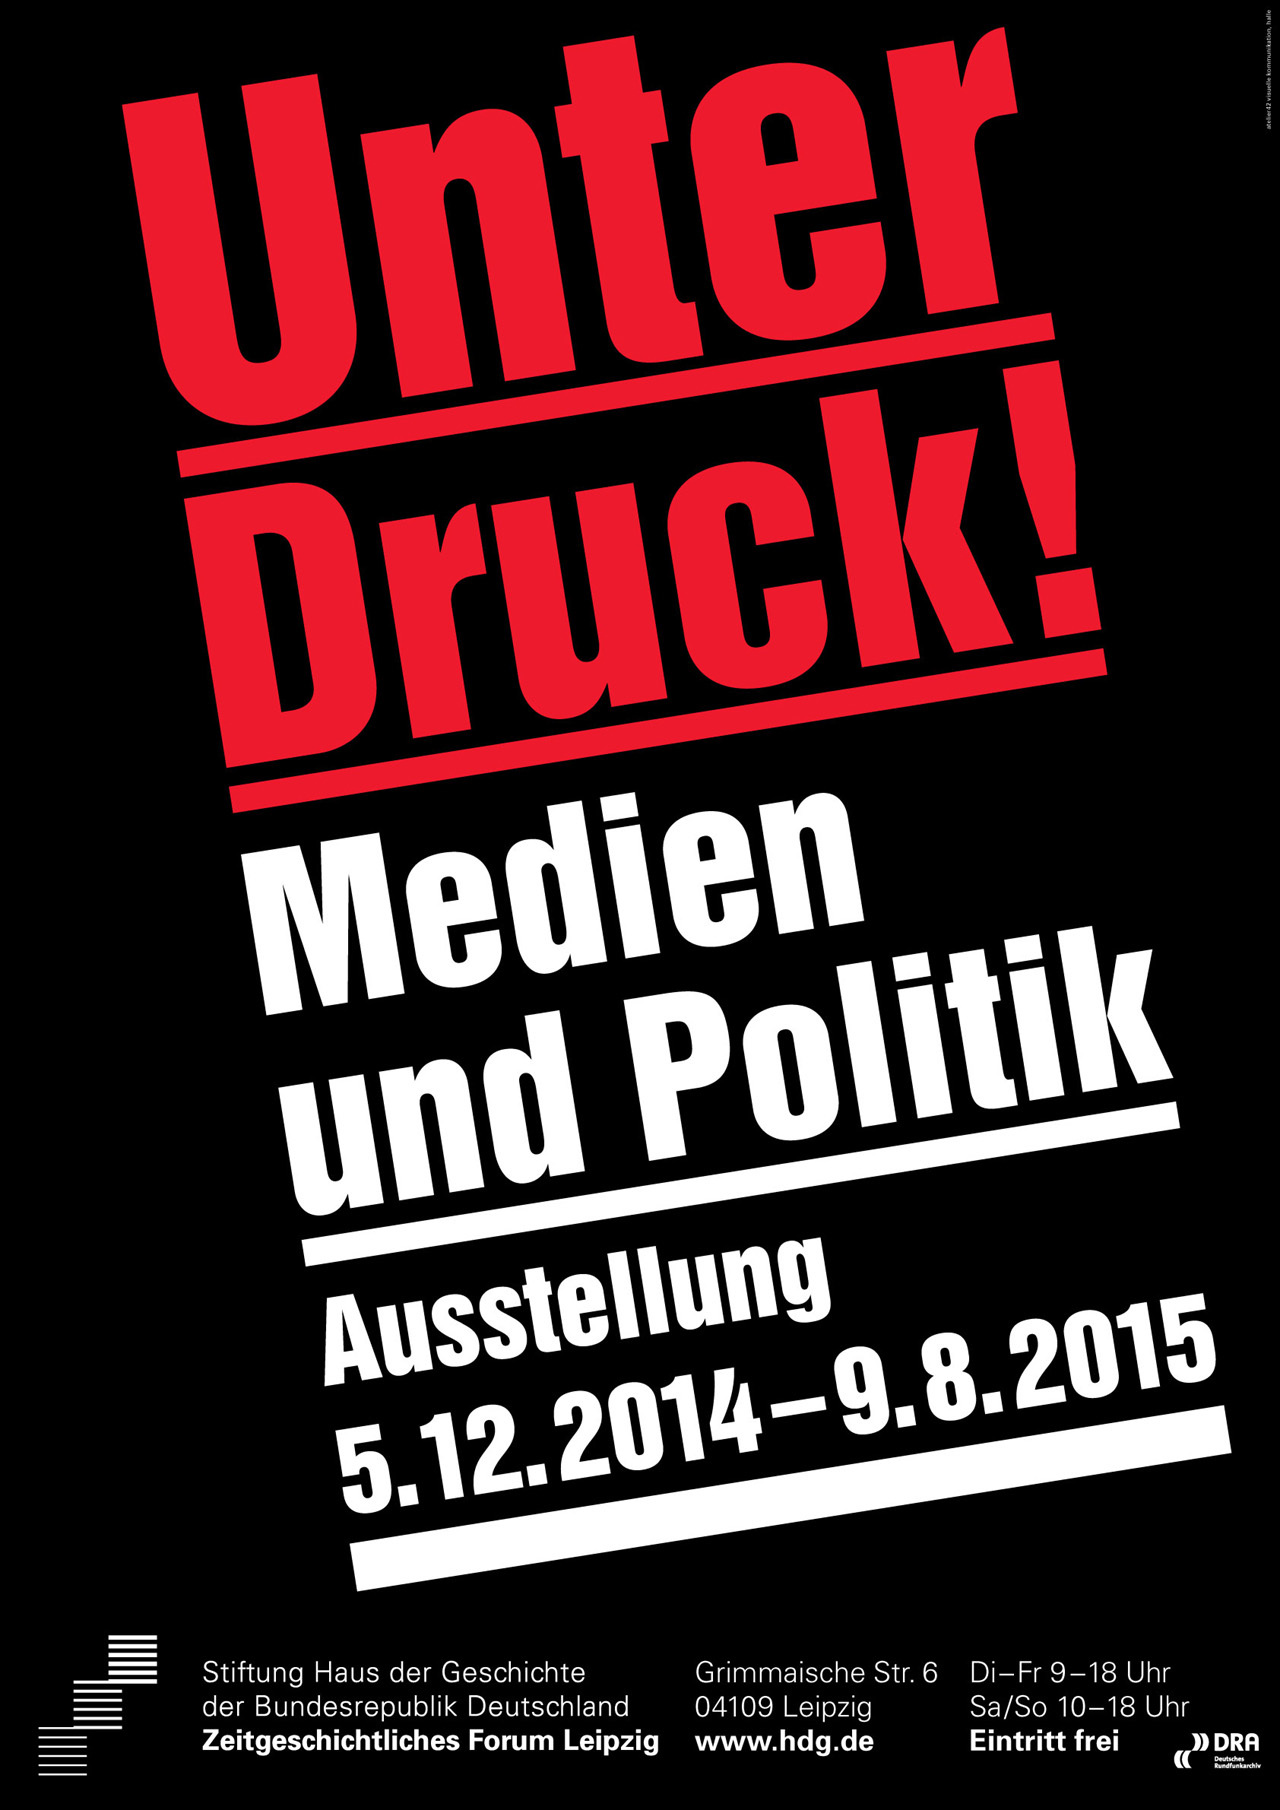 Ausstellungsplakat Unter Druck! Medien und Politik